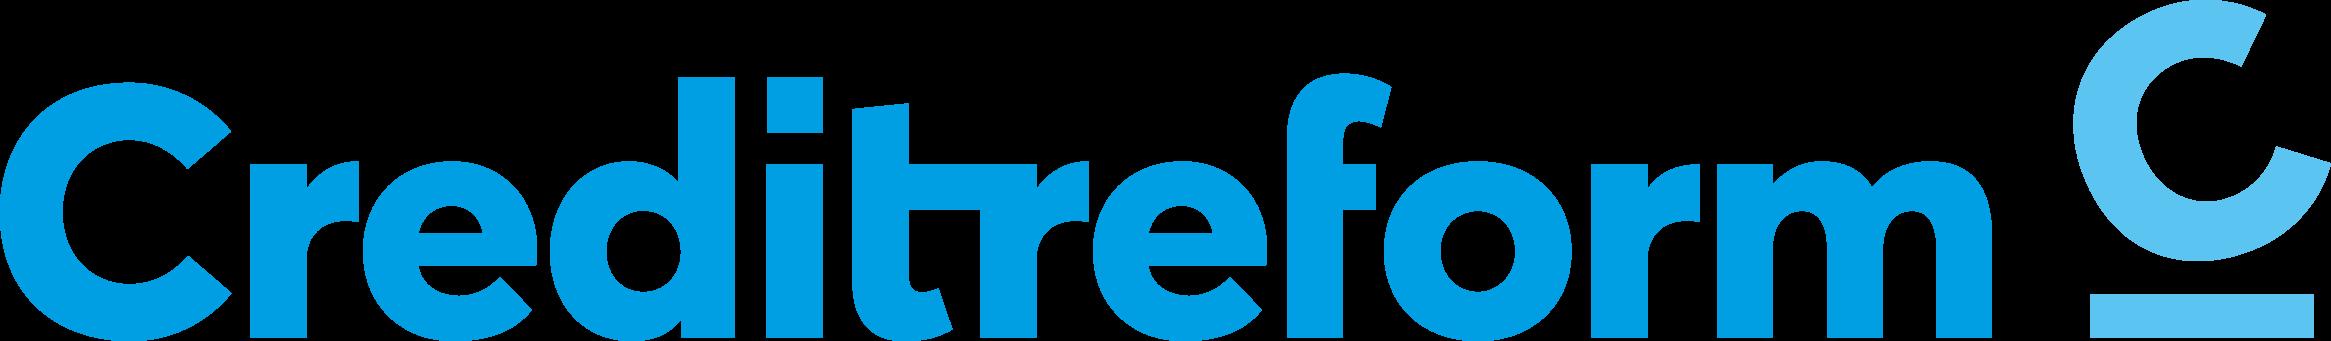 creditreform_logo.png.jsf